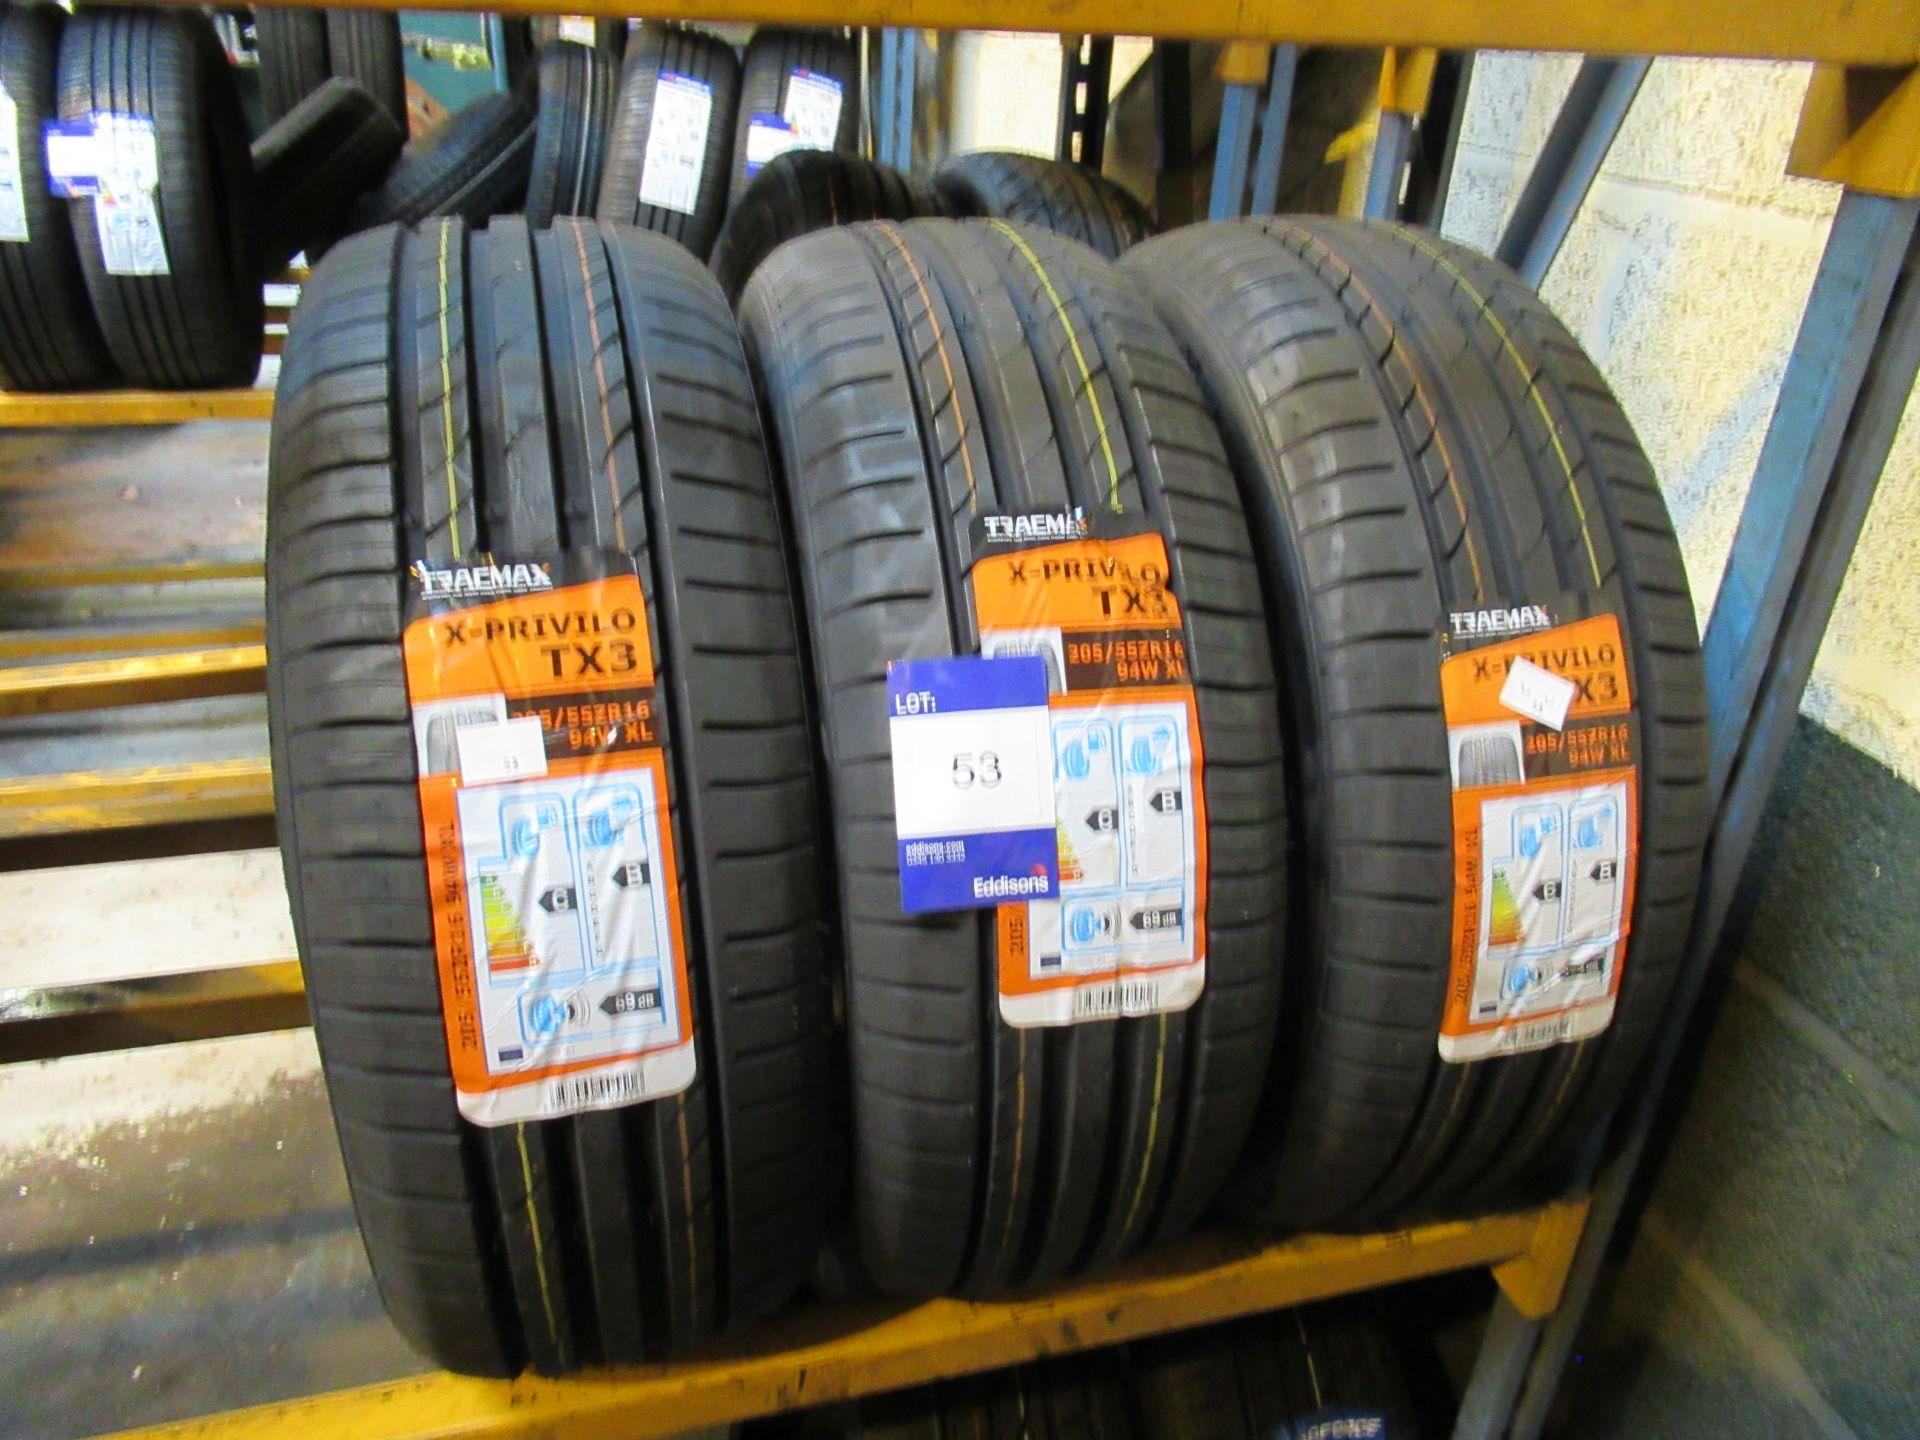 Lot 53 - 3 x Tracmax 205/55 x 16 Tyres